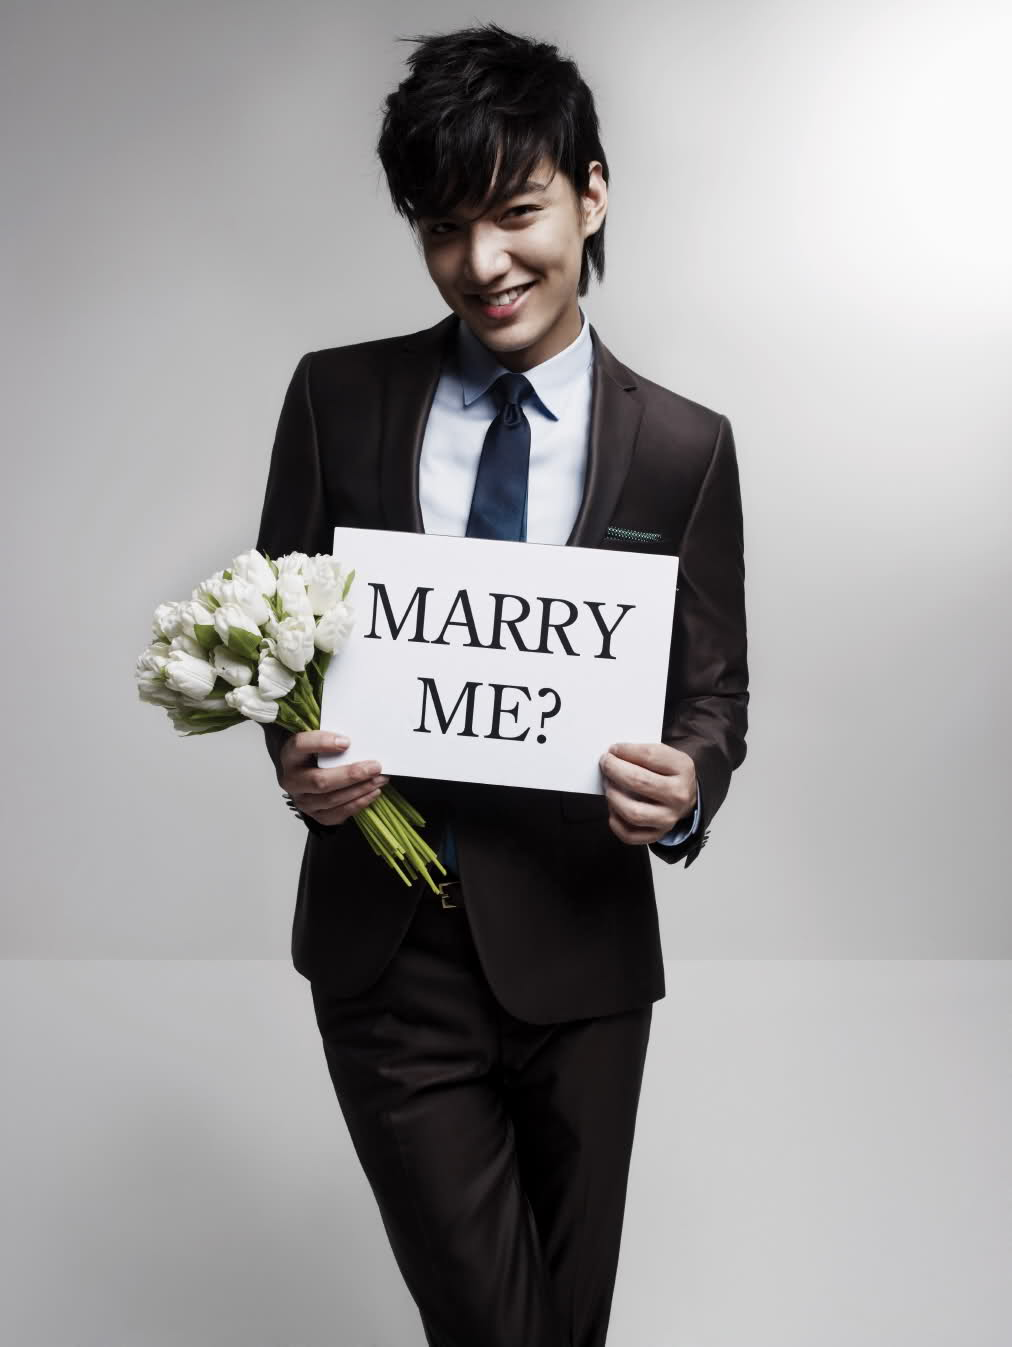 ezdevaj ba lee min hoezdevaj le min holee min holee min ho marry (2)